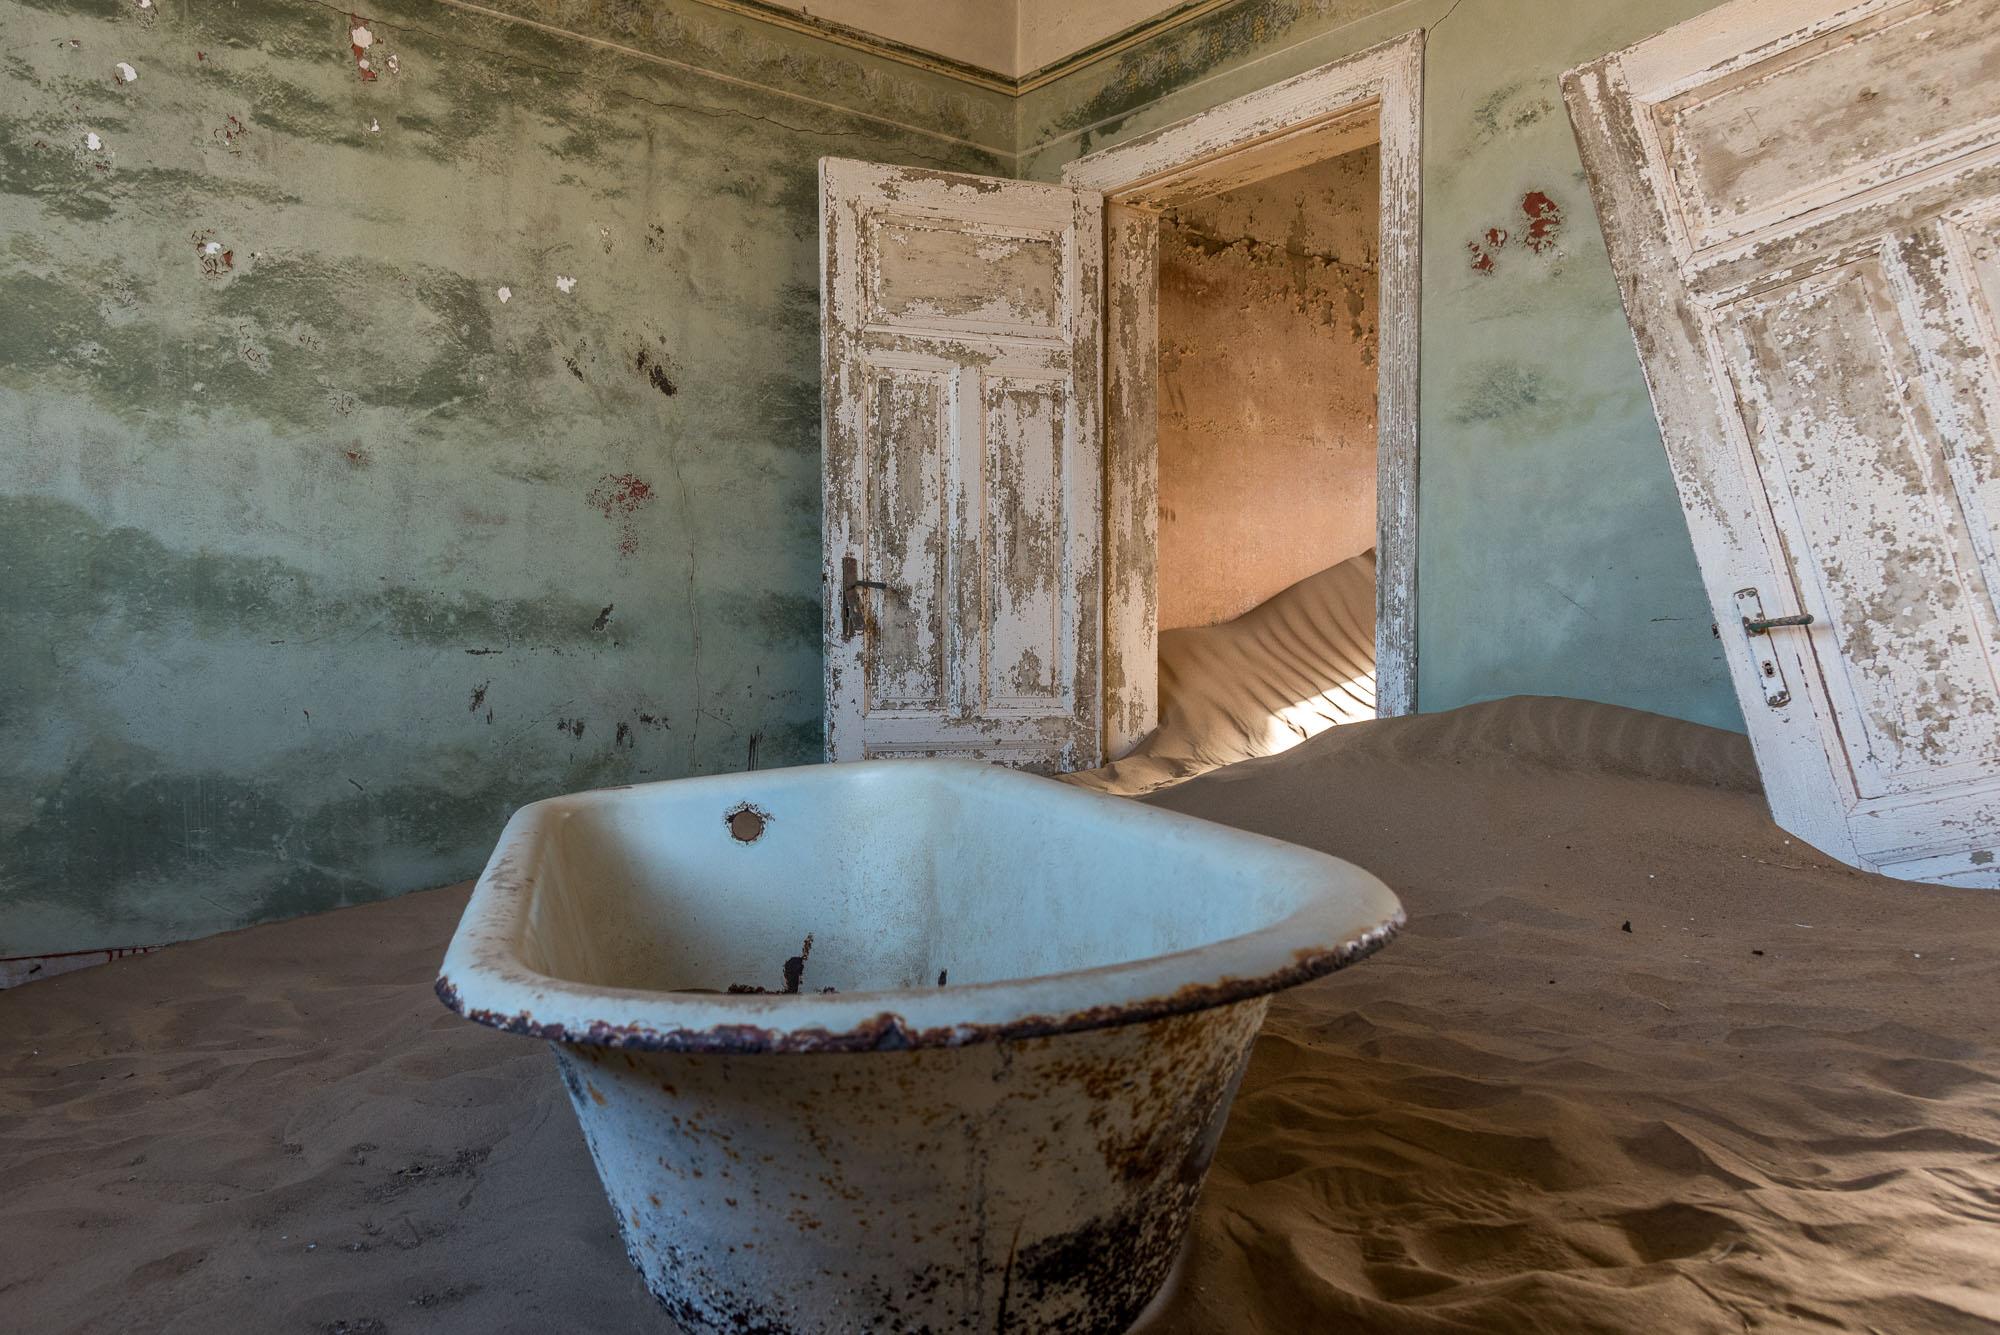 kolmanskop, una vasca da bagno in mezzo al deserto parla dei tempi passati